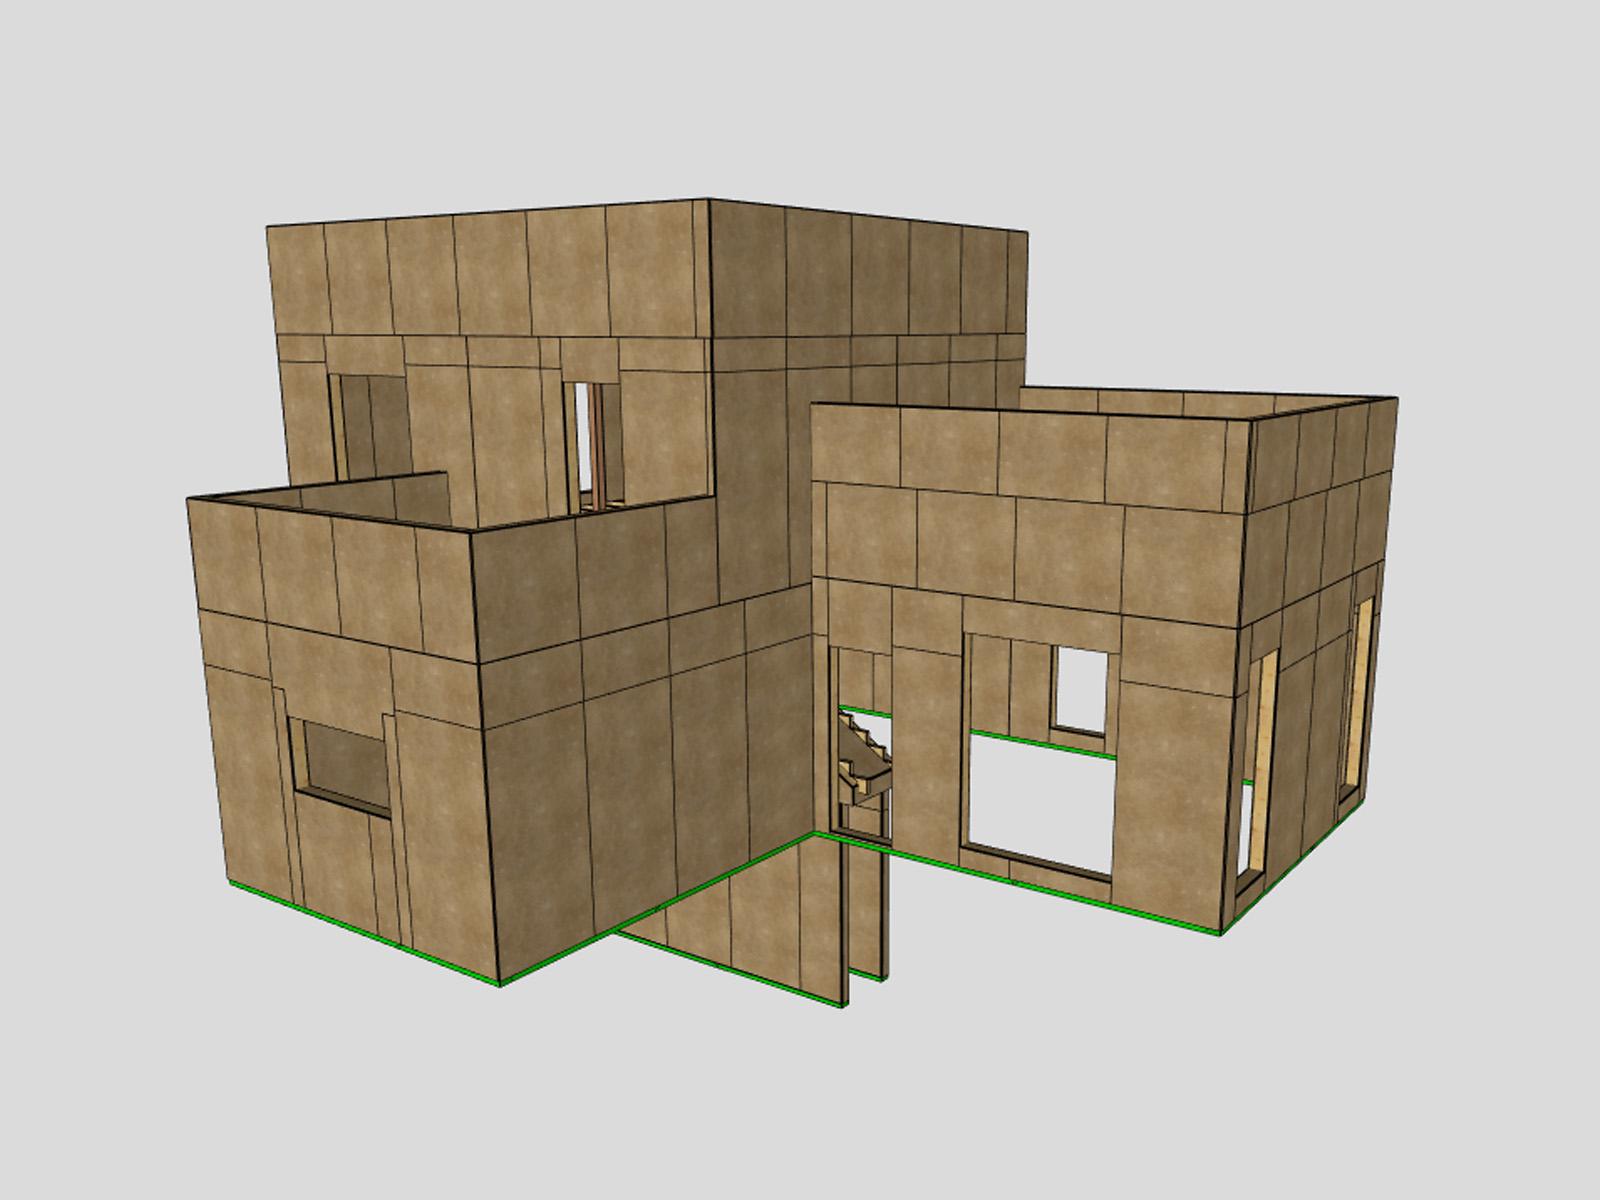 Construir una casa pasiva en dos días